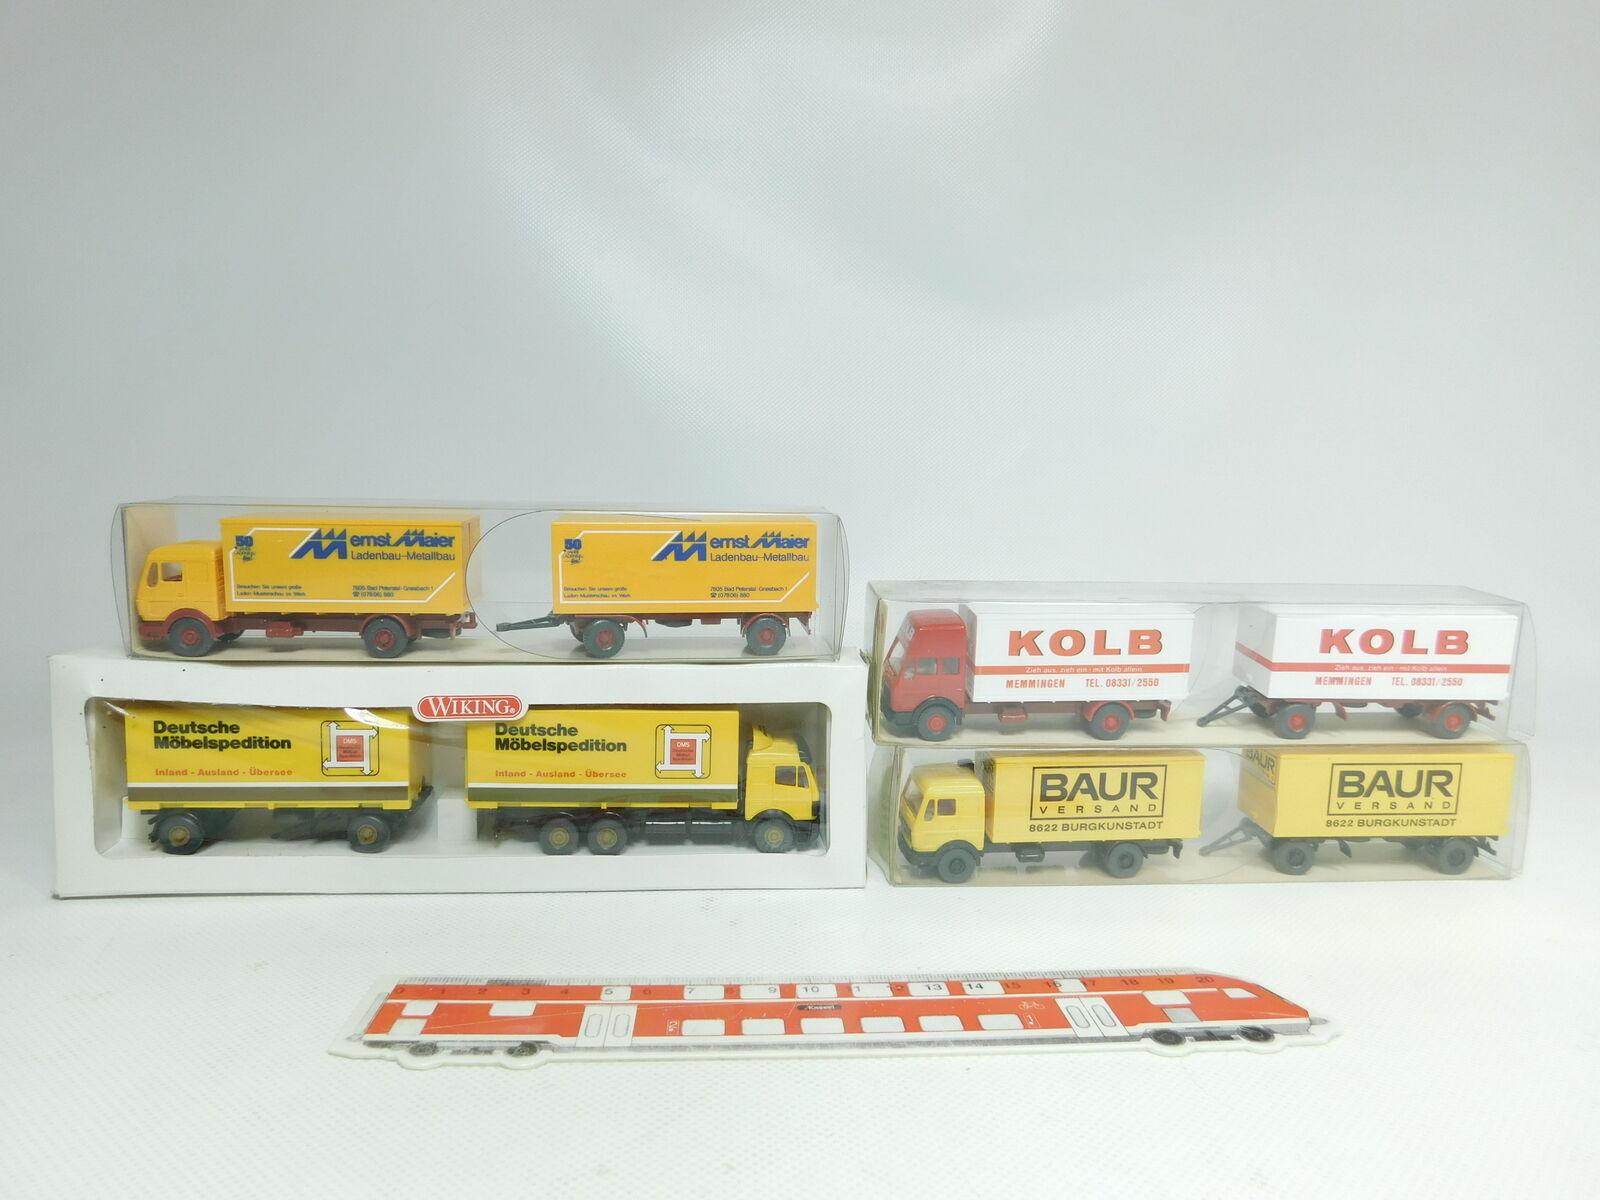 BJ495-0,5  4x Wiking H0 1 87 LKW MB  459 1 Baur  459 2  459  573, NEUWOVP